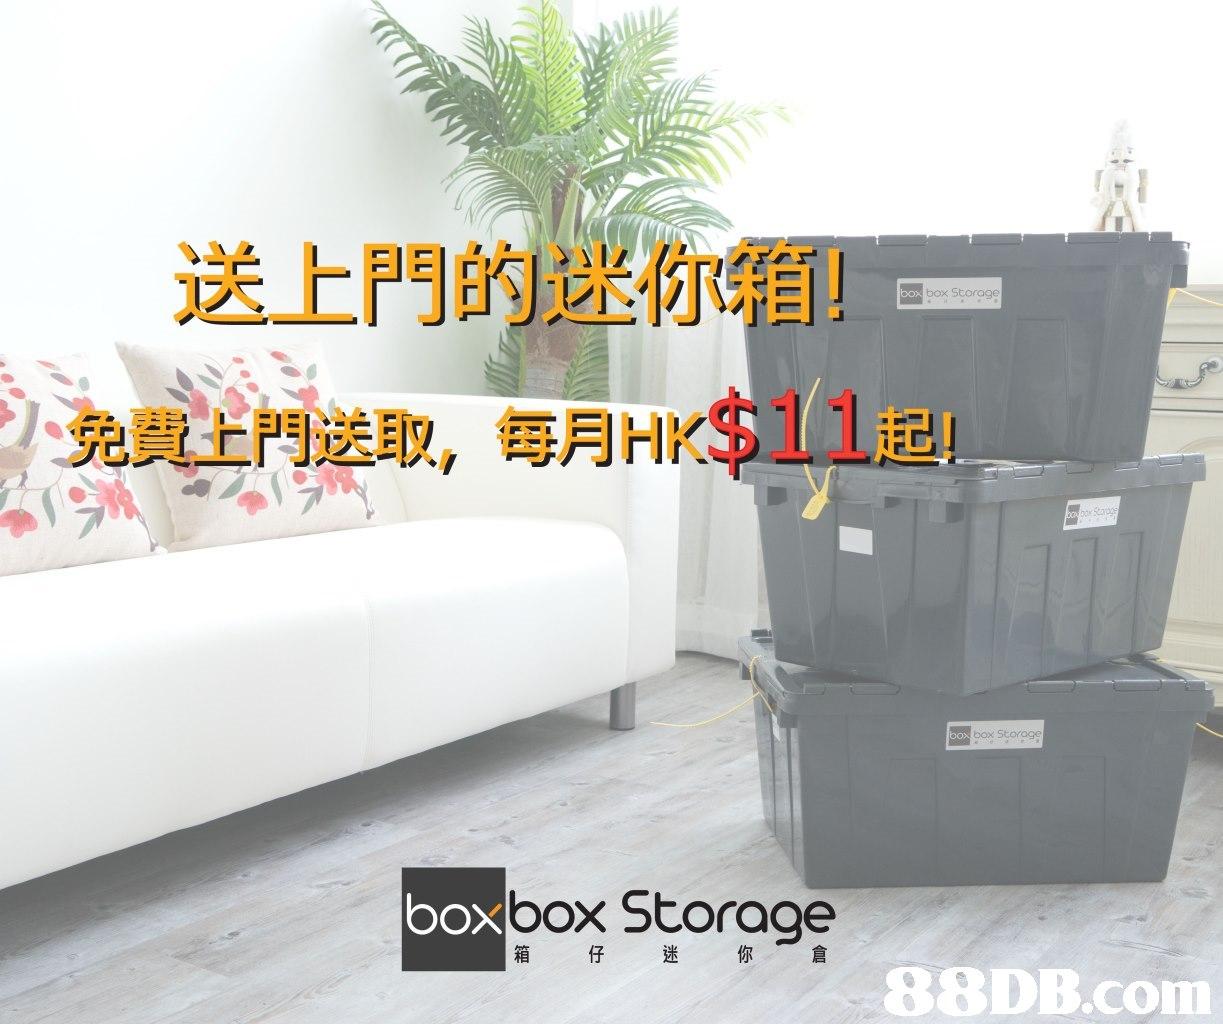 送上門的迷你箱! 免費上門送取,每月HK$11起! box Storage oxbox Storage 箱 迷 你,furniture,product,flowerpot,